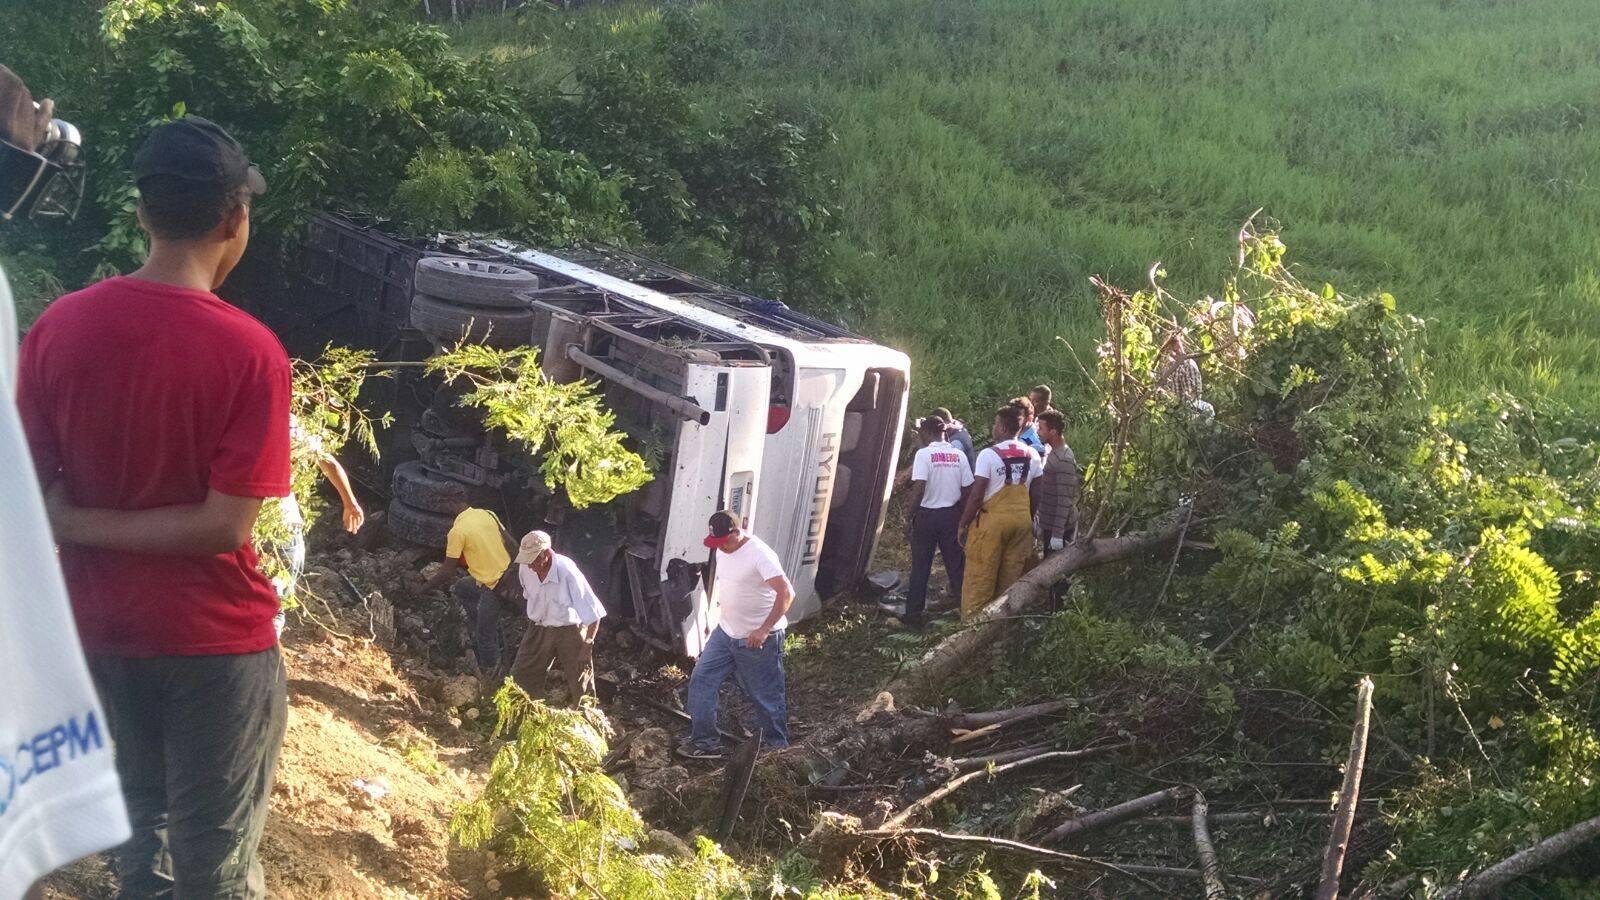 Una mujer fallecida y 37 personas heridas fue el saldo que dejo el accidente en la carretera Cruz isleño-Macao.